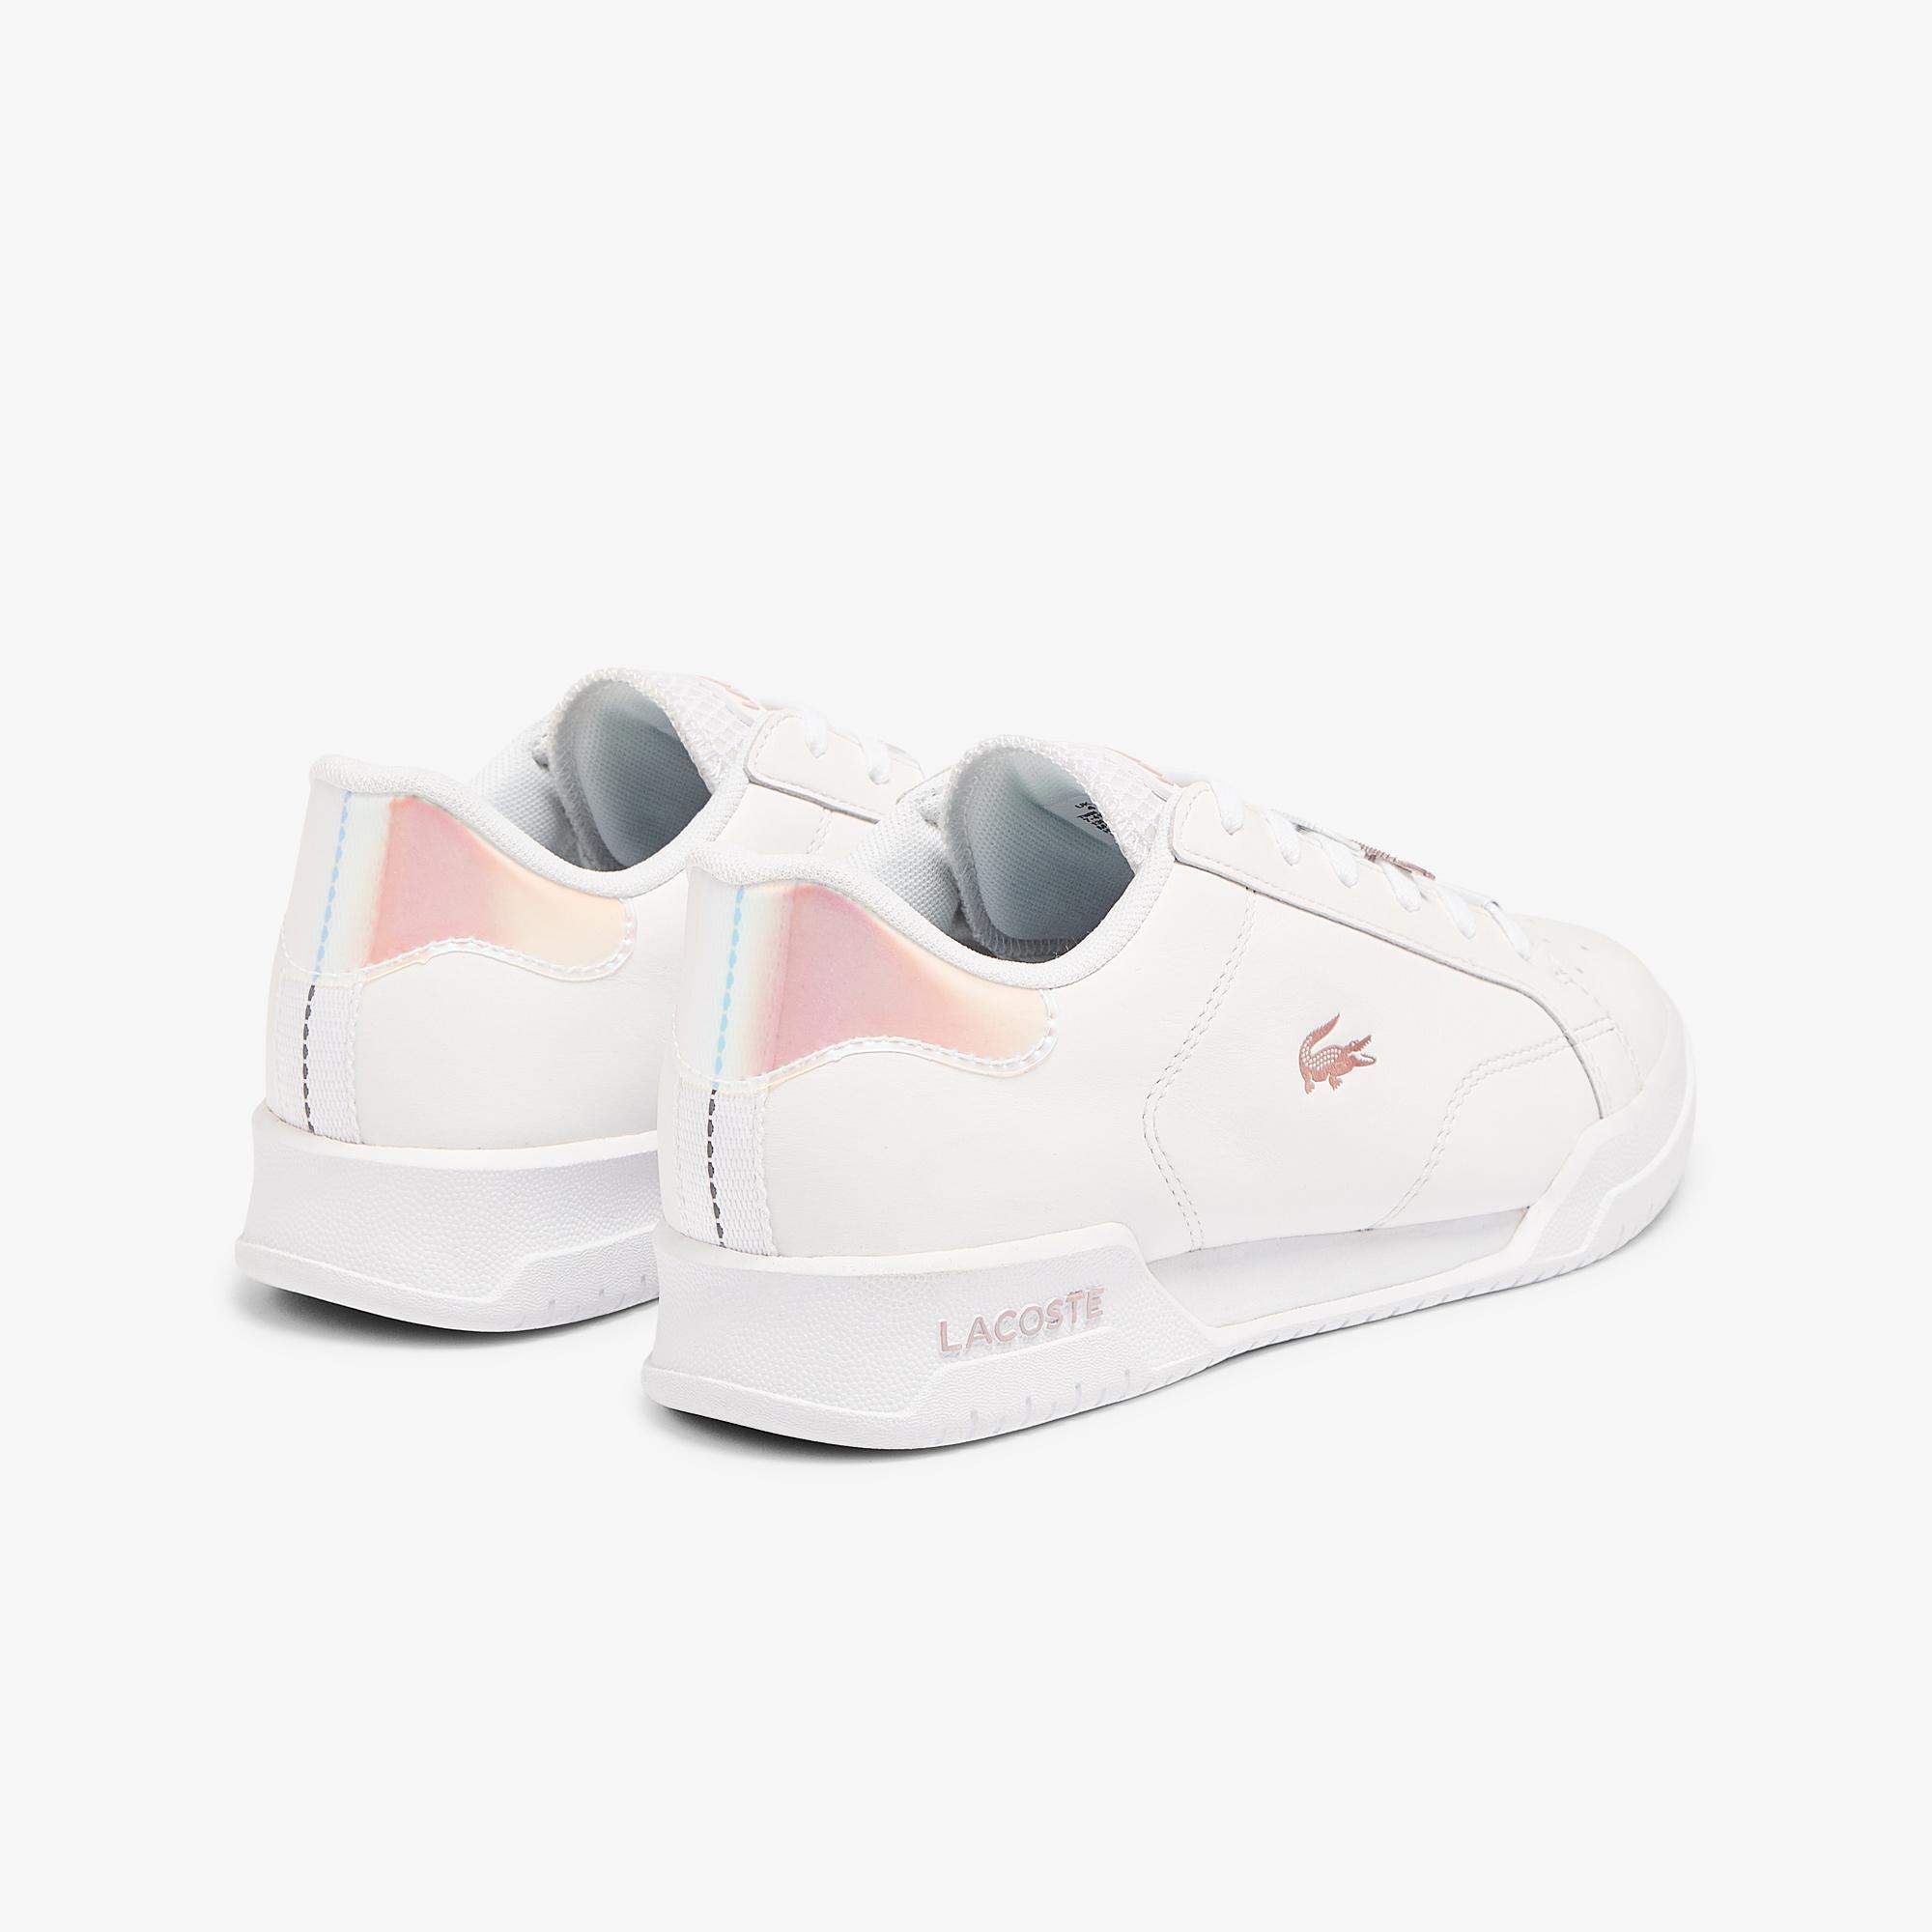 Lacoste Women's Twın Serve 0921 1 Sfa Shoes